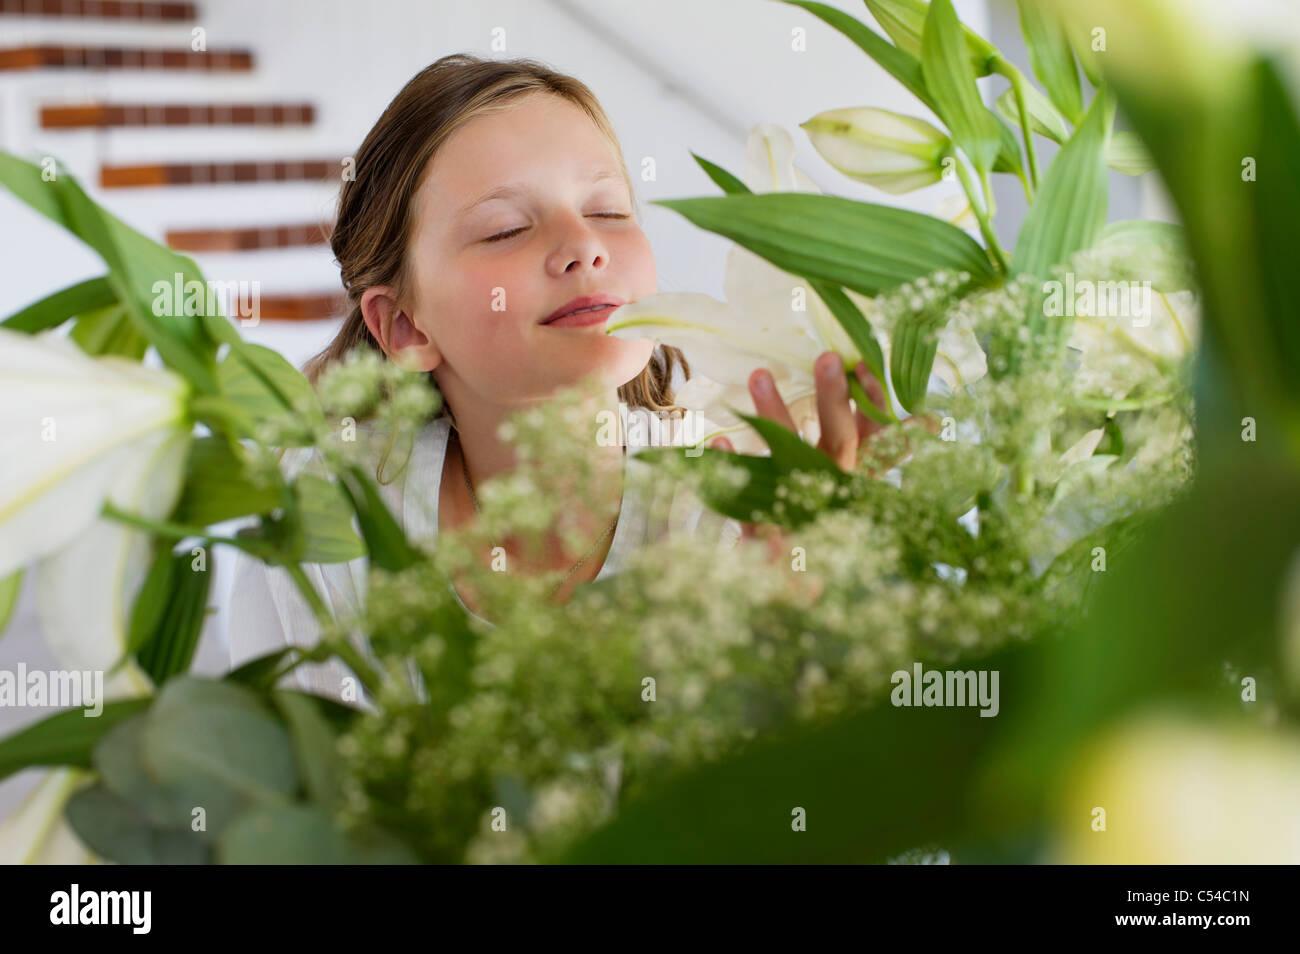 Niedliche Mädchen riechen den Duft der Blätter Stockbild